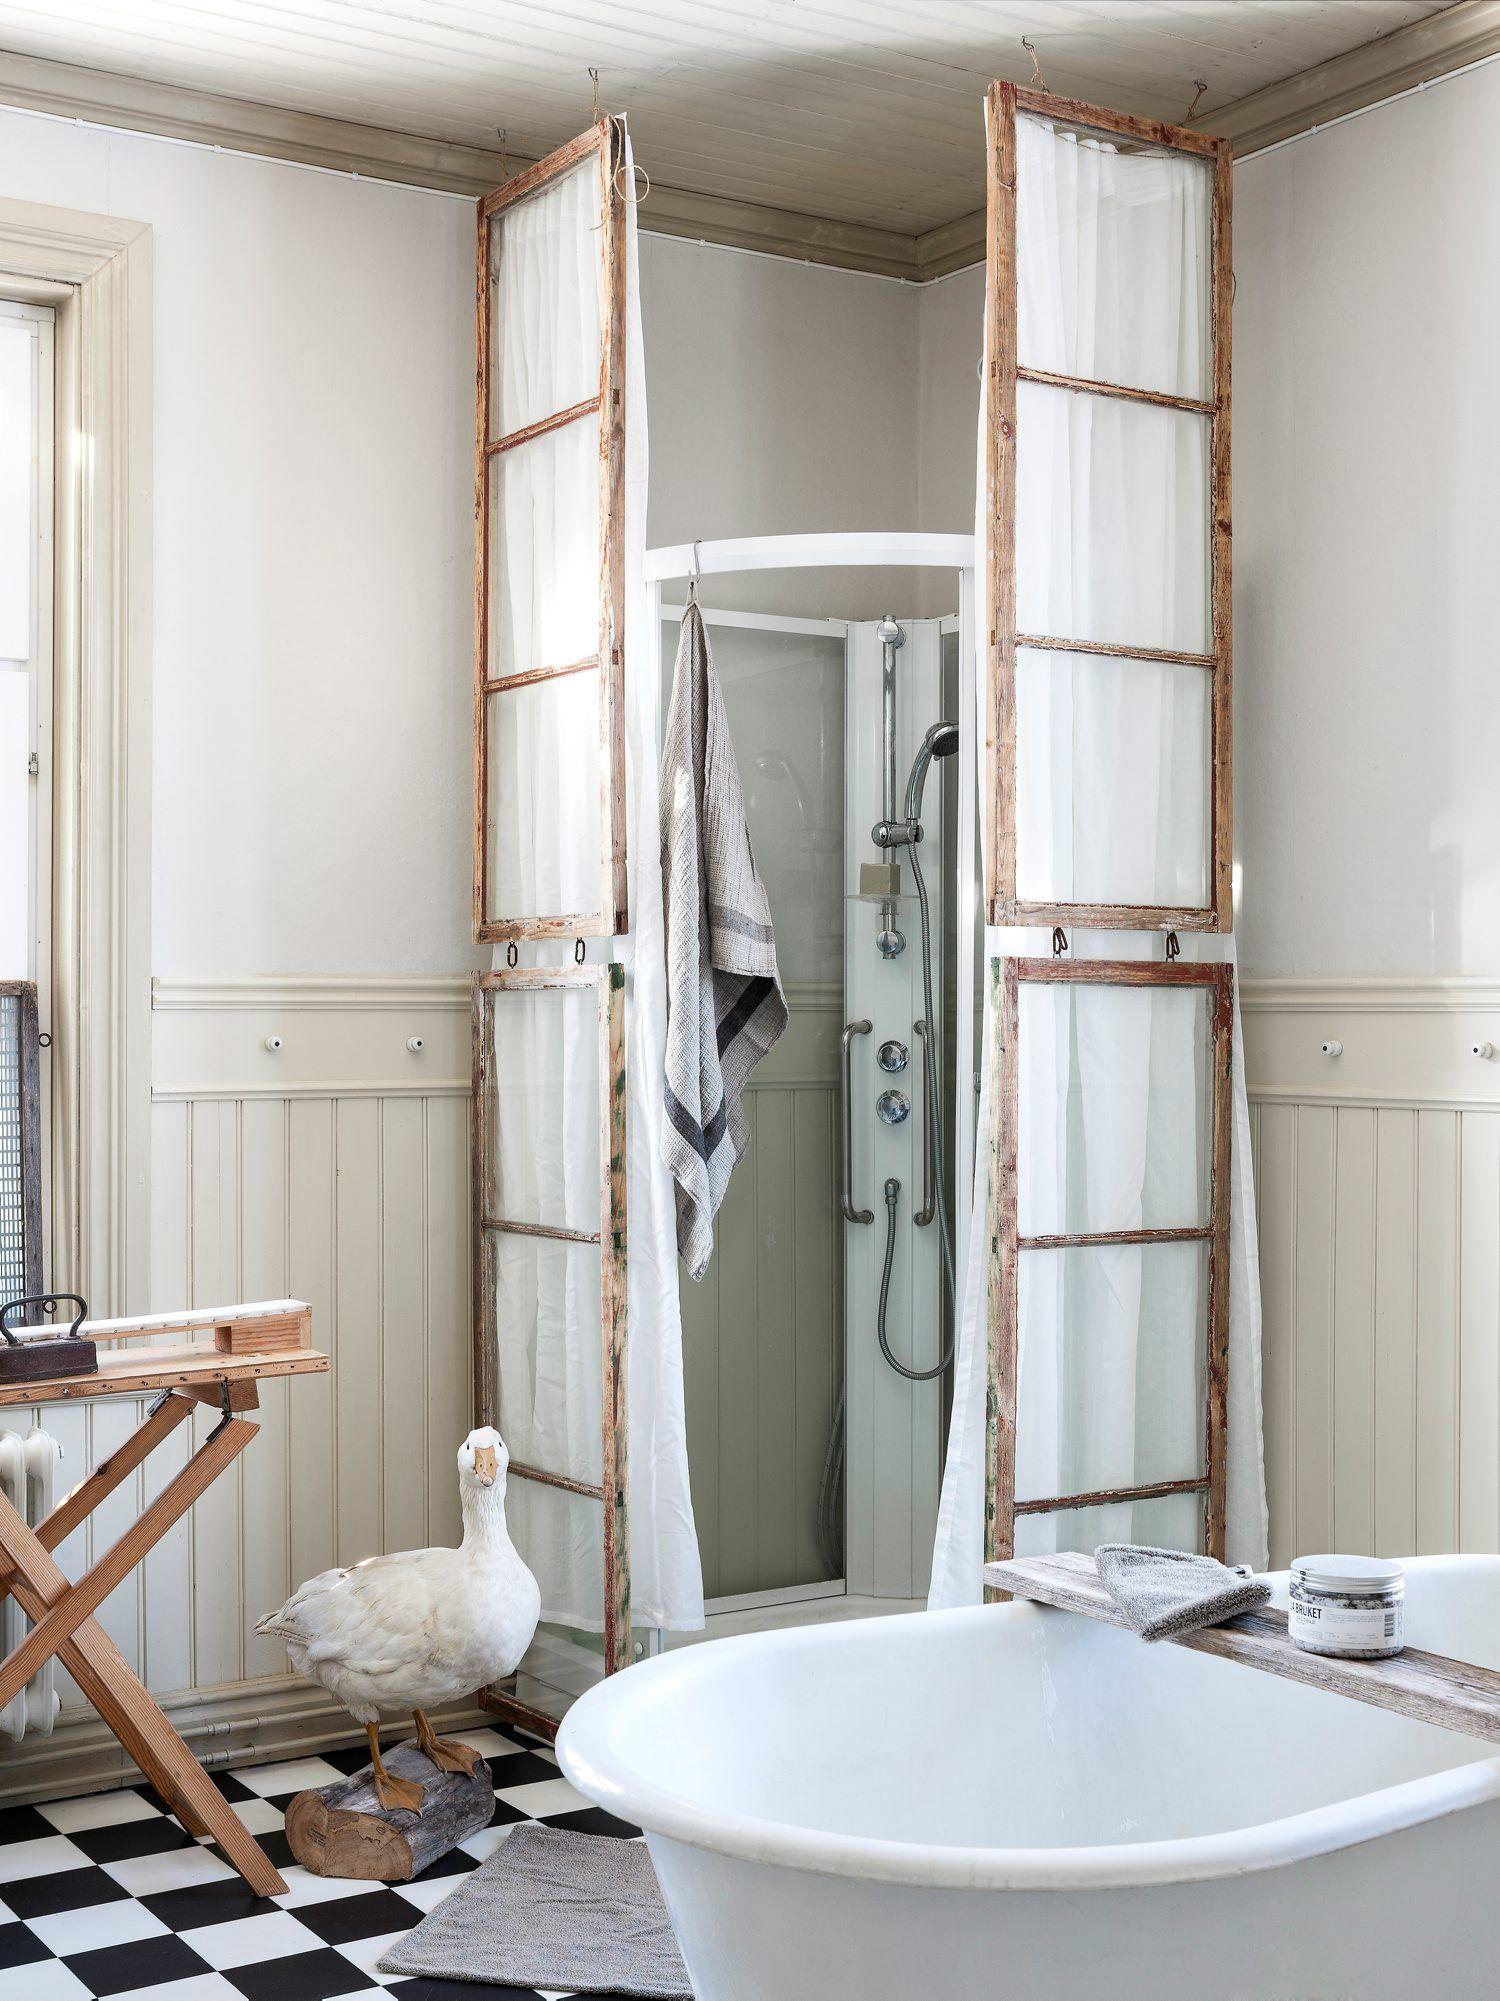 Mẹo tái sử dụng khung cửa sổ cũ trong trang trí và lưu trữ - Ảnh 8.